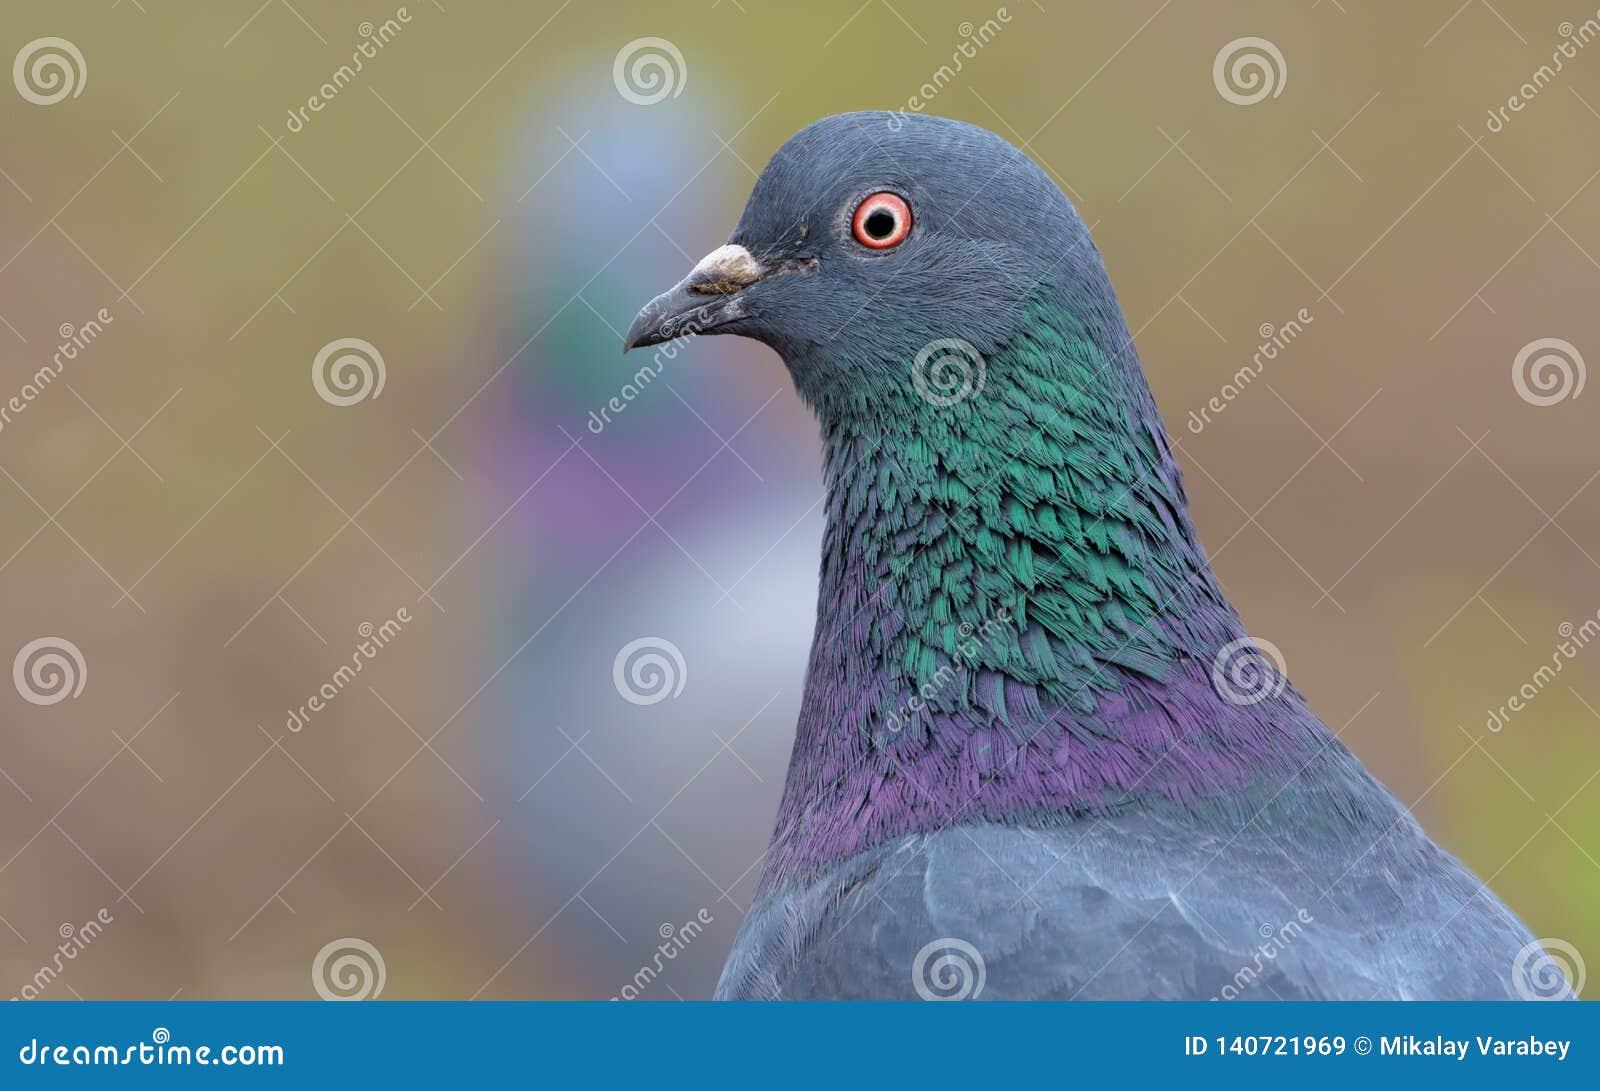 Taubenvogelporträt fom kurze Entfernung mit Gesicht und Augen in der hohen Auflösung